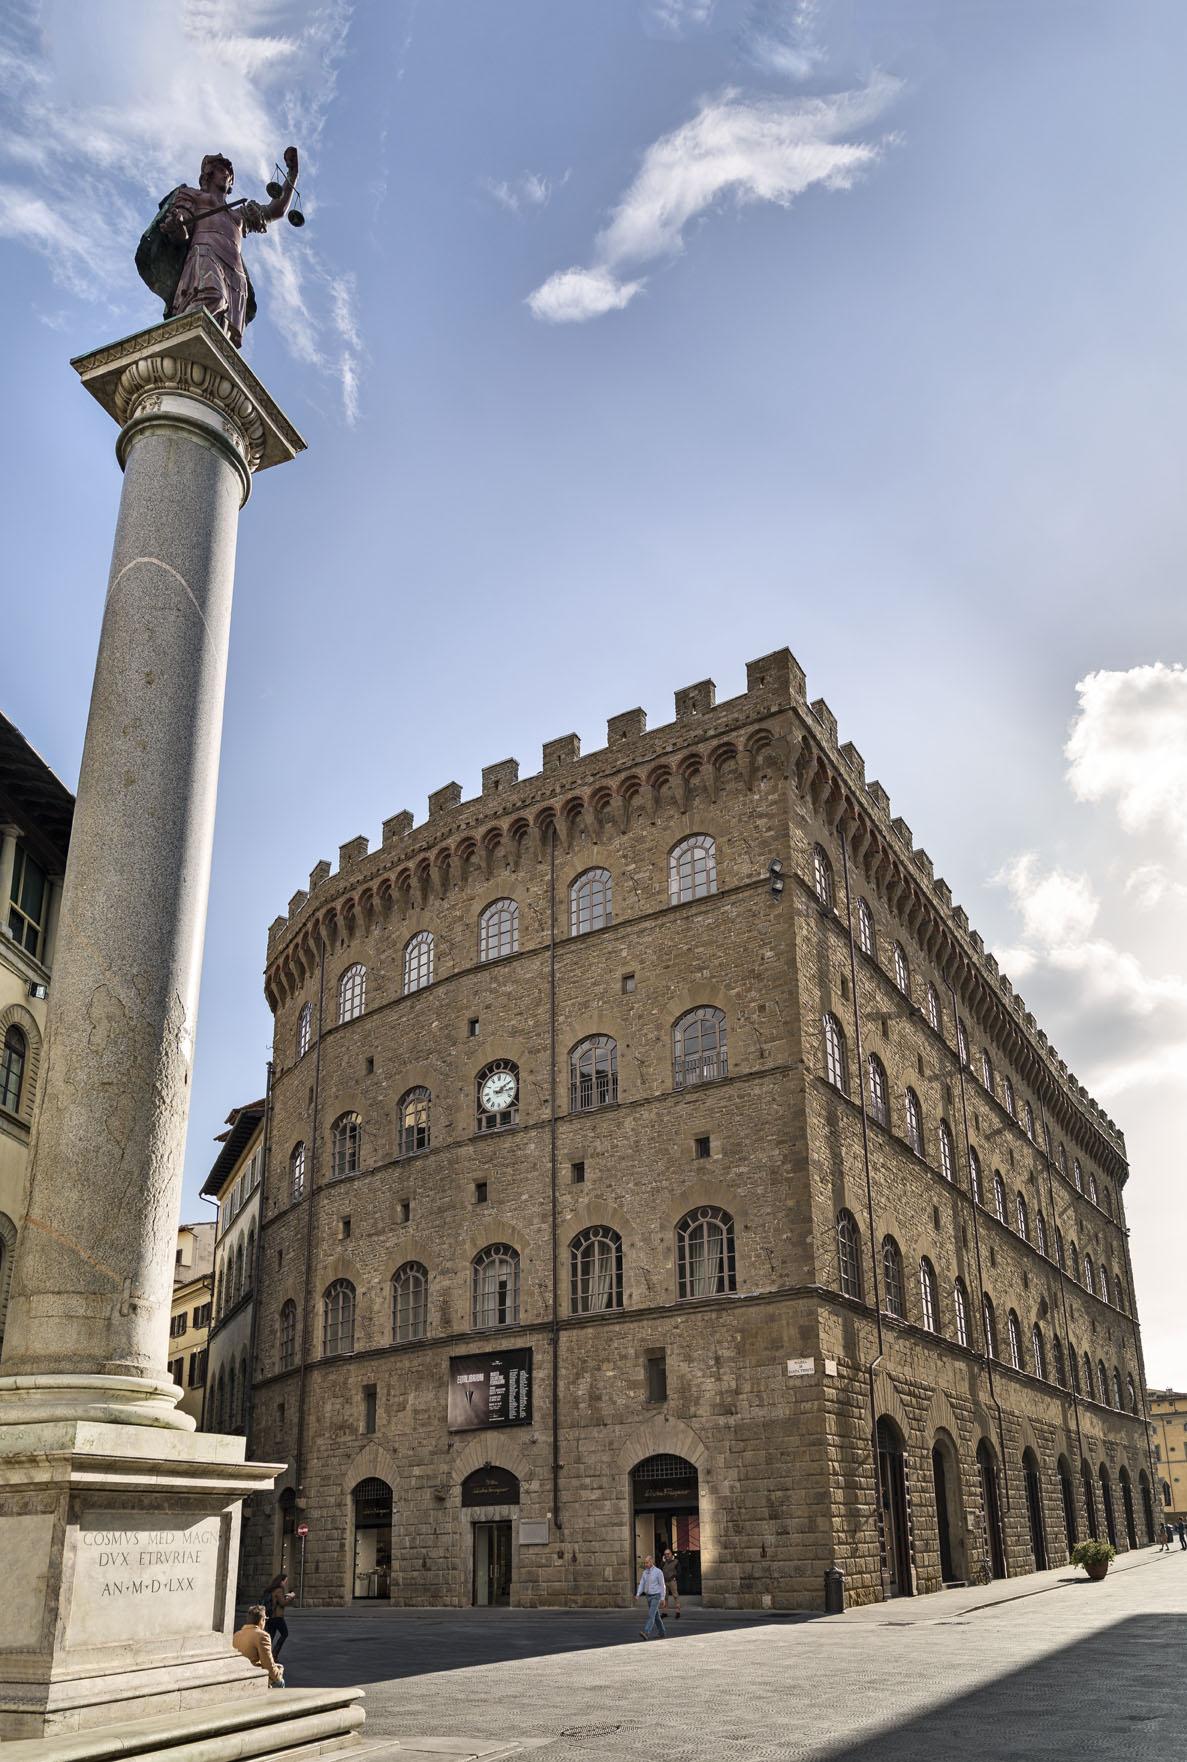 Salvatore Ferragamo Palazzo Spini Feroni in Florence